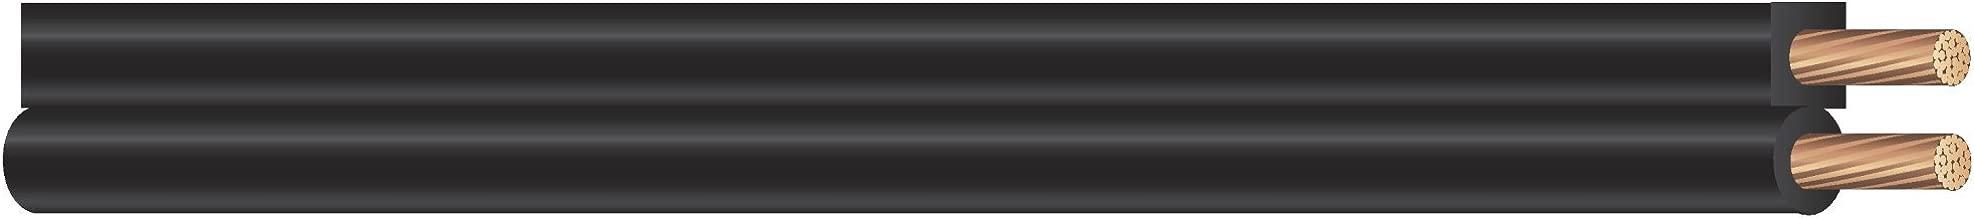 Coleman Cable 600006608 18/2 SPT-1 Bulk Lamp Cord, 300-Volt 18-Gauge, 250-feet Spool, Black